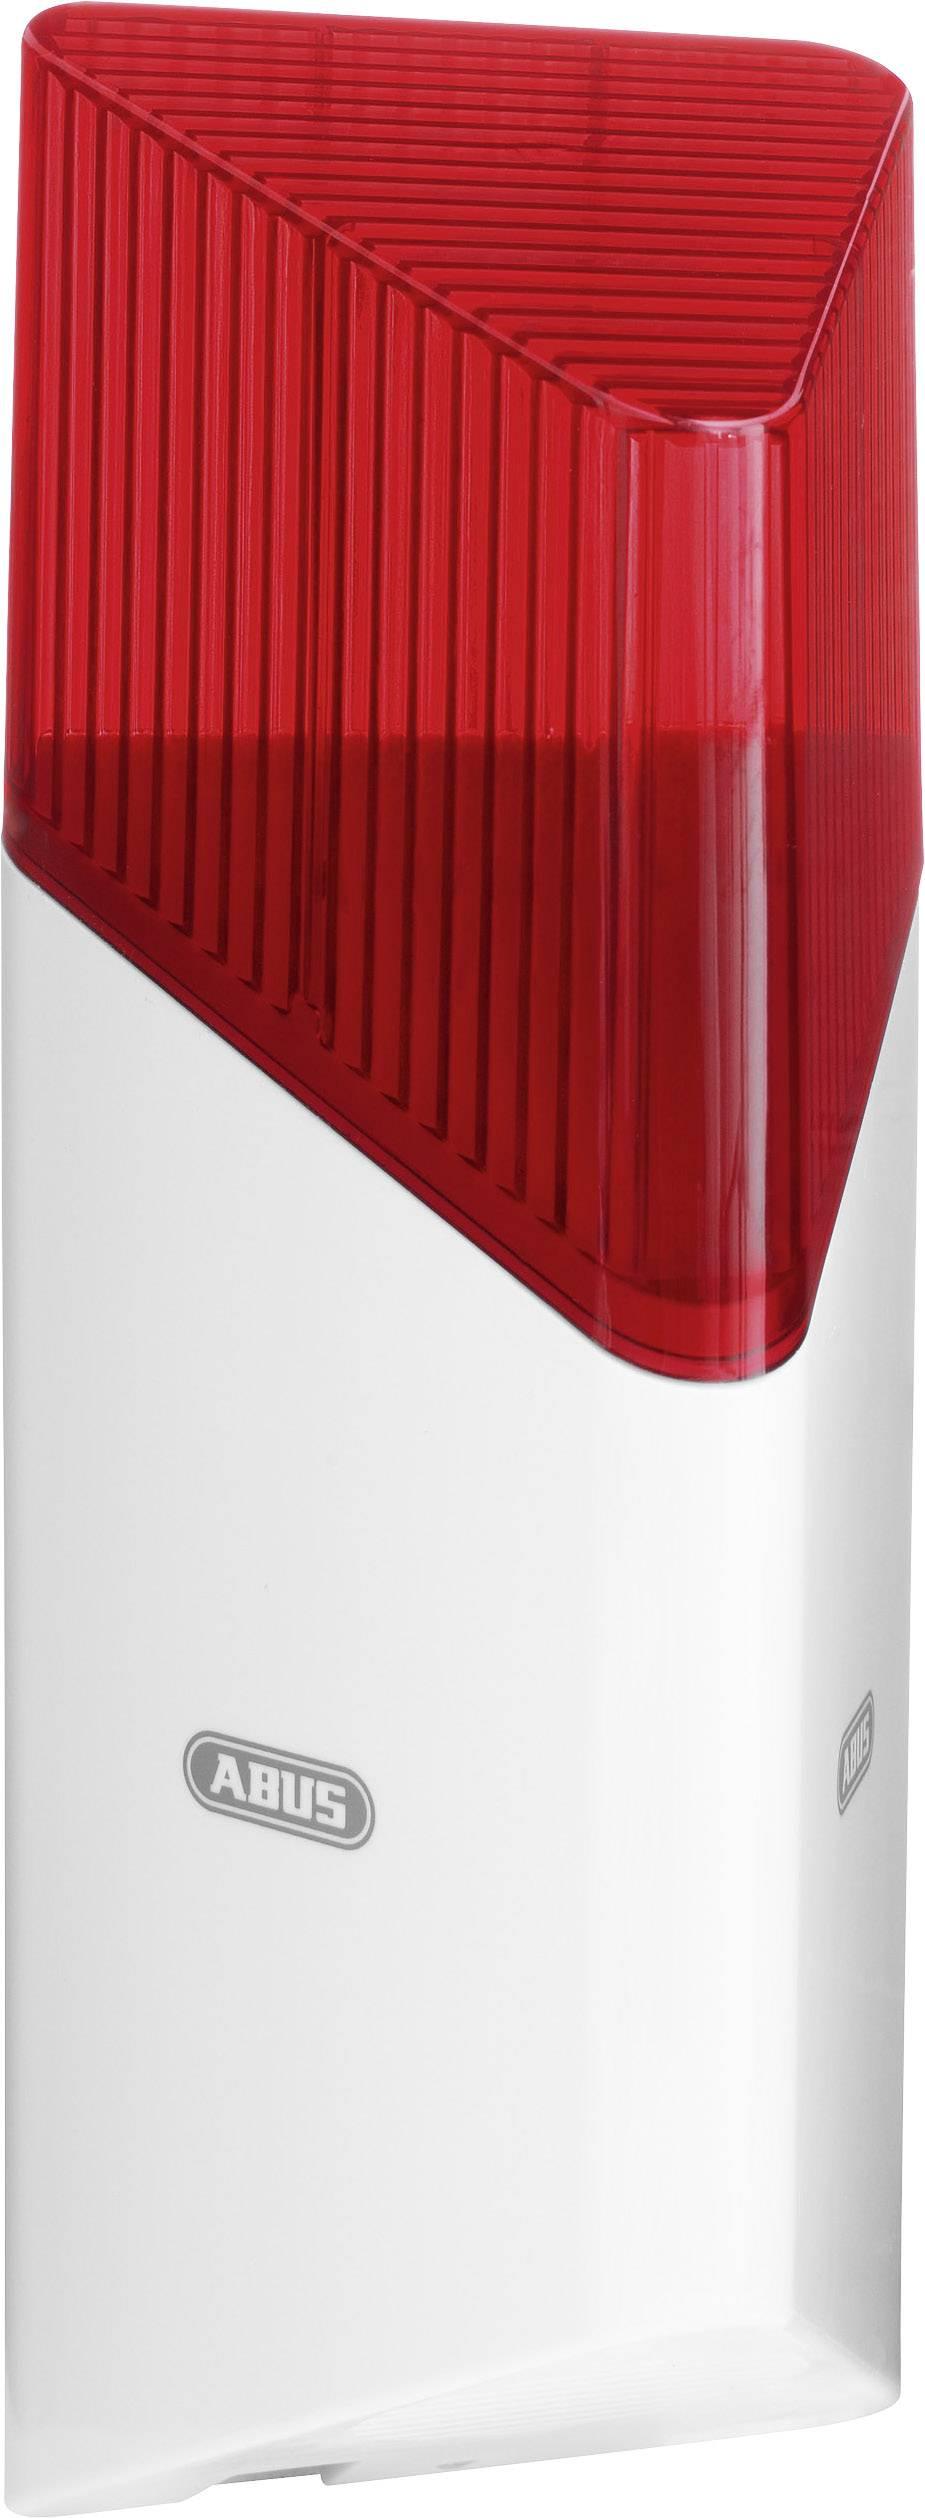 Rozšíření bezdrátového alarmu, bezdrátová venkovní siréna ABUS Smartvest, ABUS Smart Security World FUSG35000A